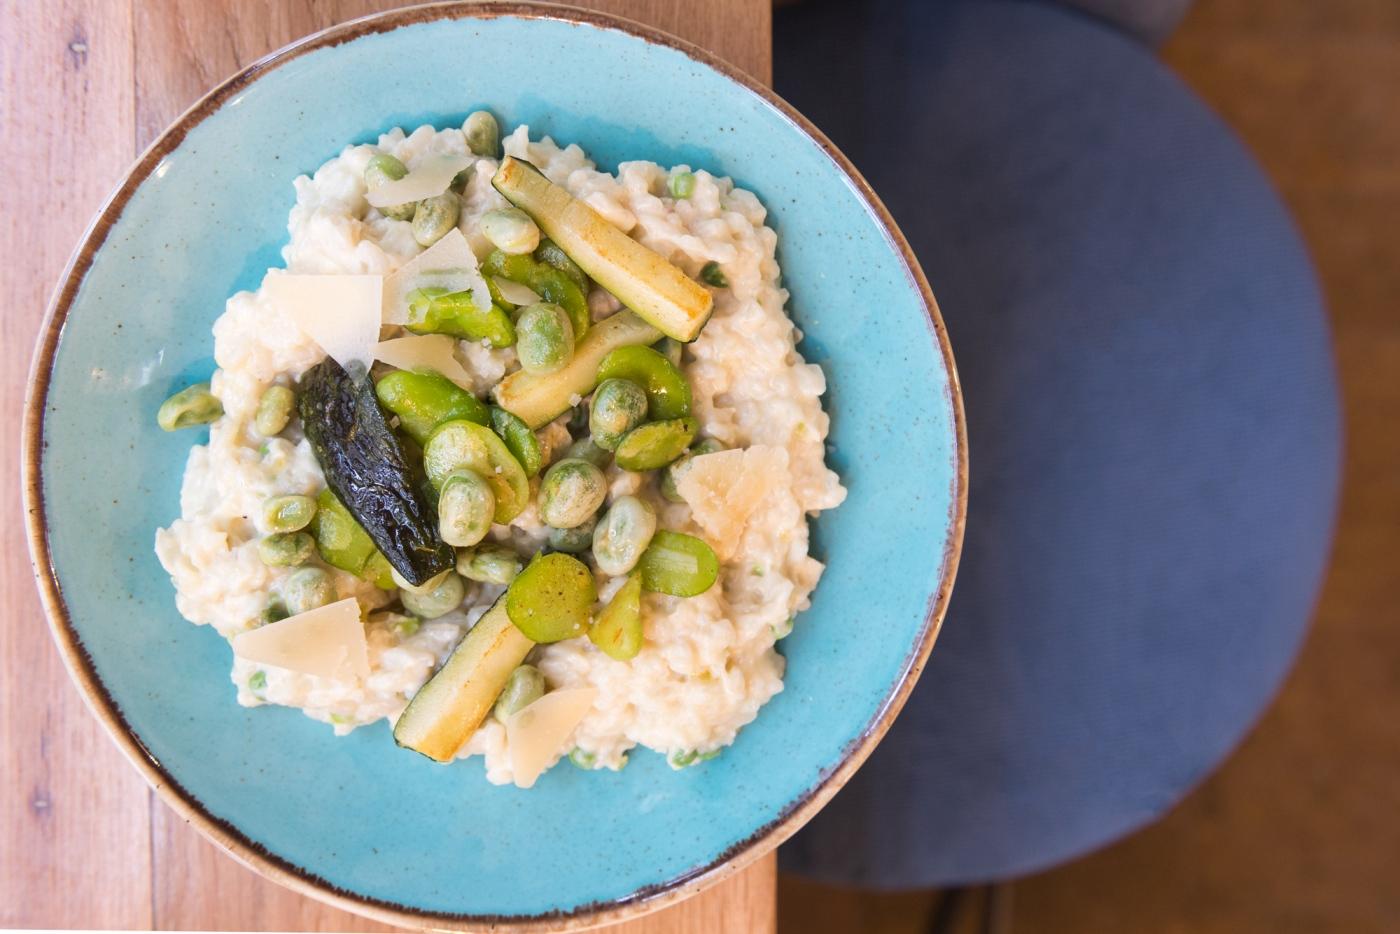 À la carte chez MINO, le risotto aux légumes verts.